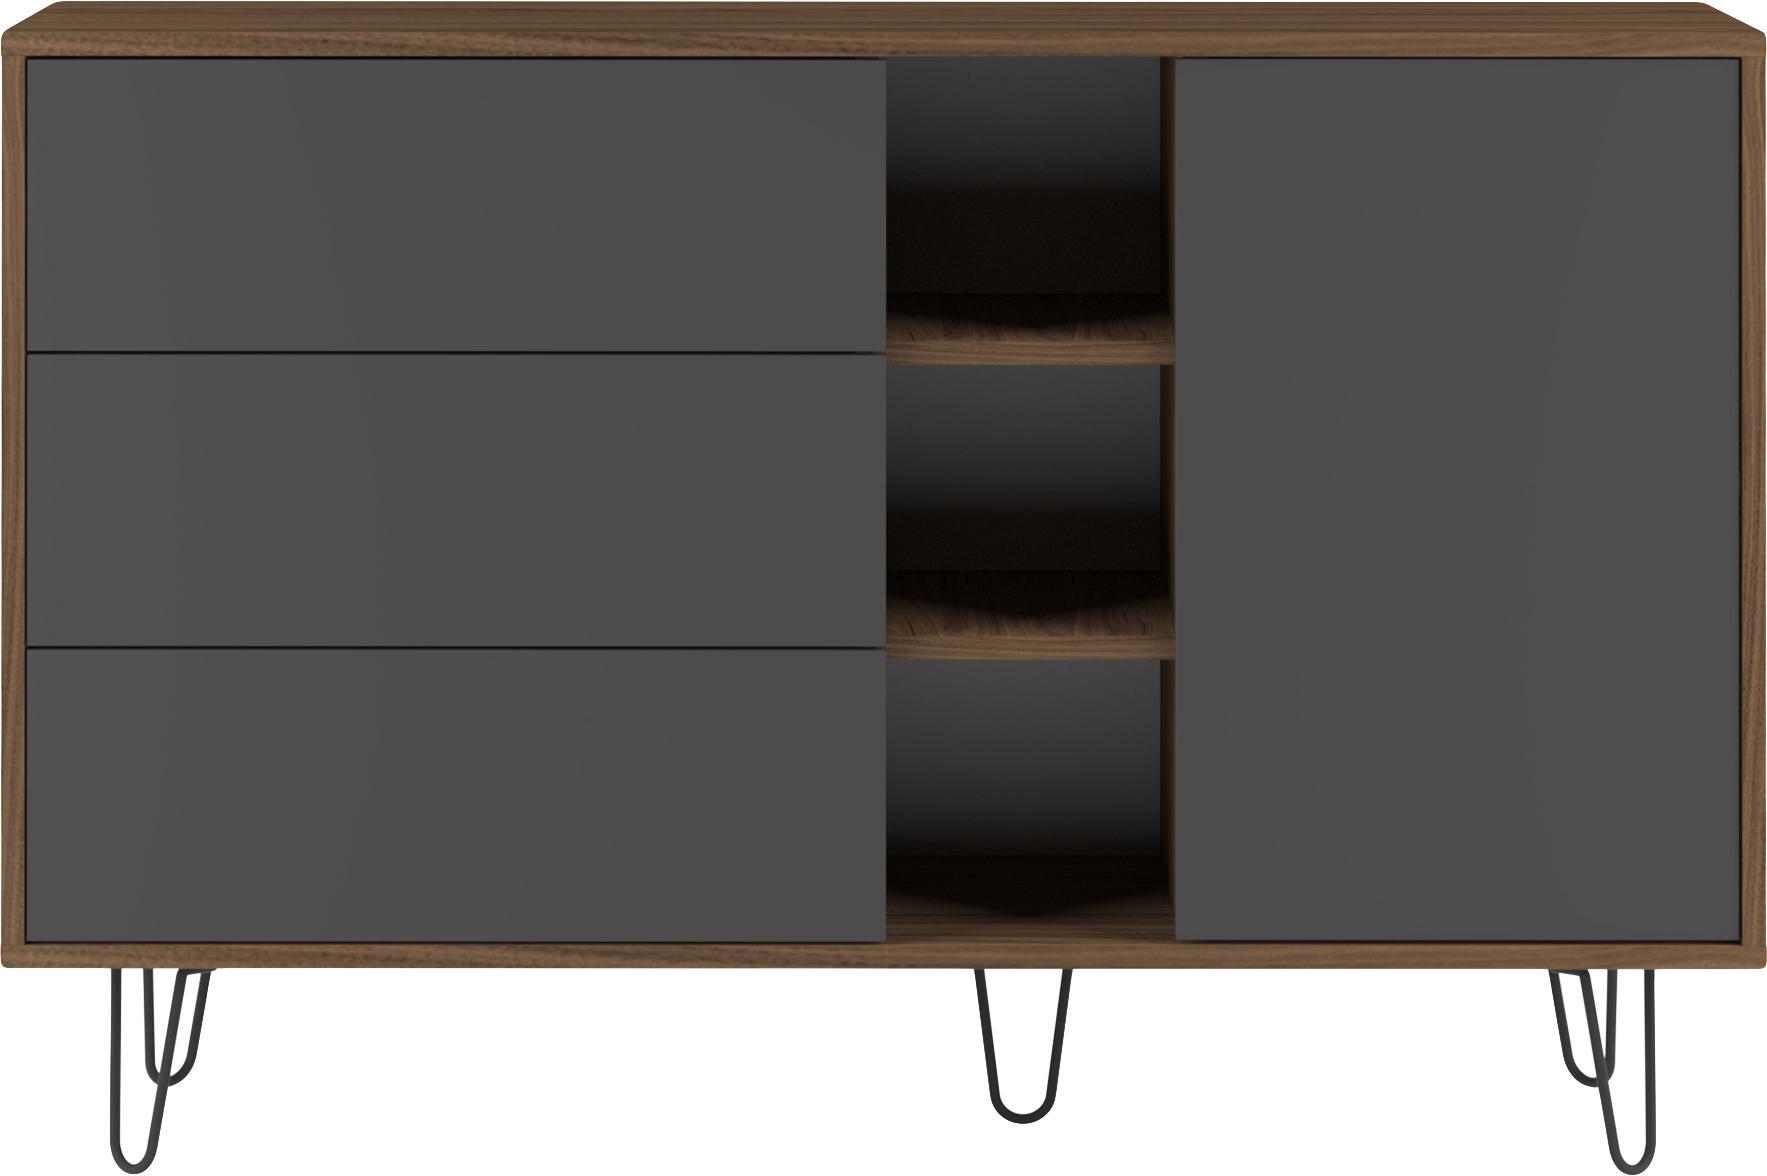 Design-Sideboard Aero mit Schubladen, Korpus: Spanplatte, melaminbeschi, Füße: Metall, lackiert, Walnussholz, Grau, 120 x 80 cm